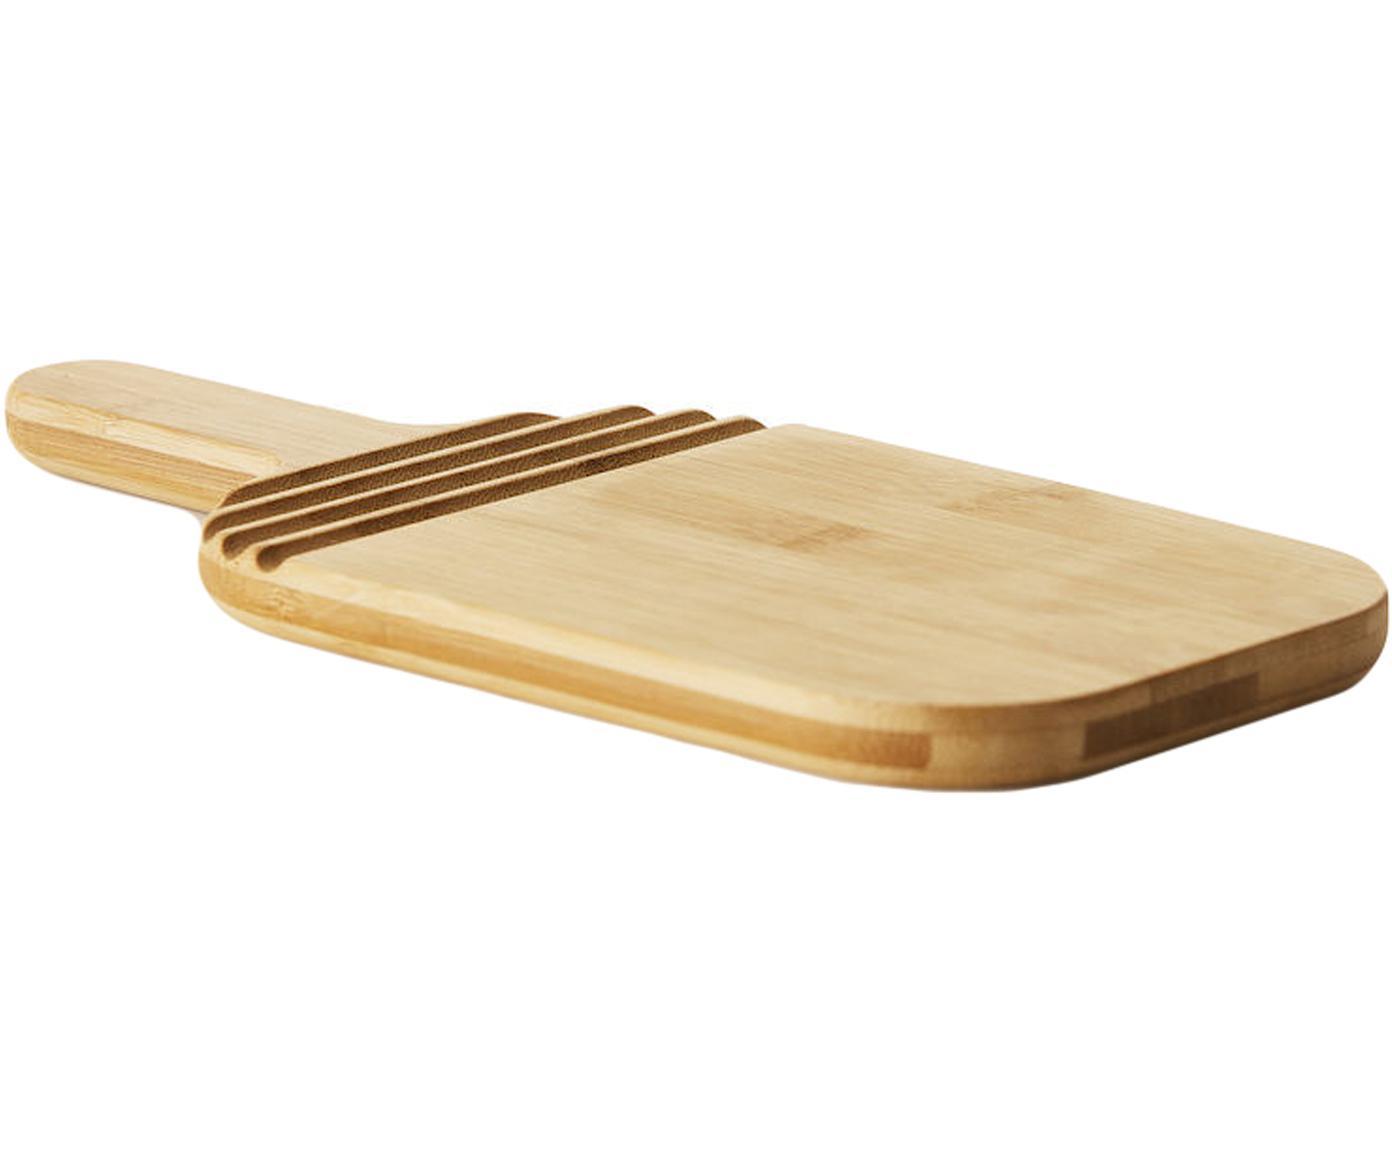 Tagliere in bambù Monazi, Bambù, Legno di bambù, Larg. 27 x Alt. 2 cm